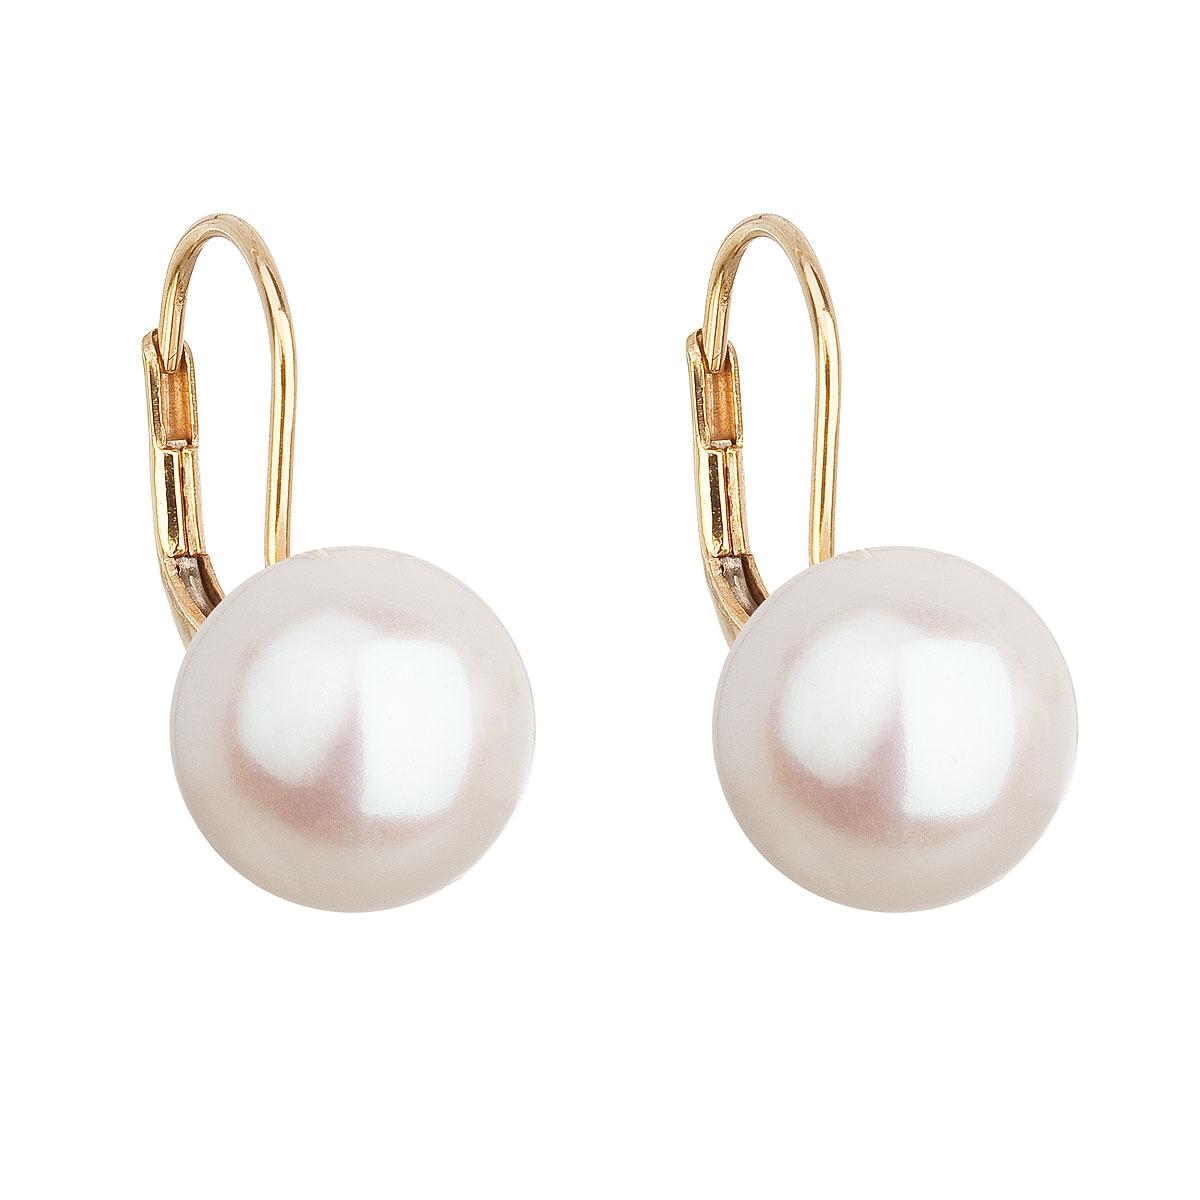 Zlaté 14ti karátové náušnice s bílou říční perlou EGZ001-WH